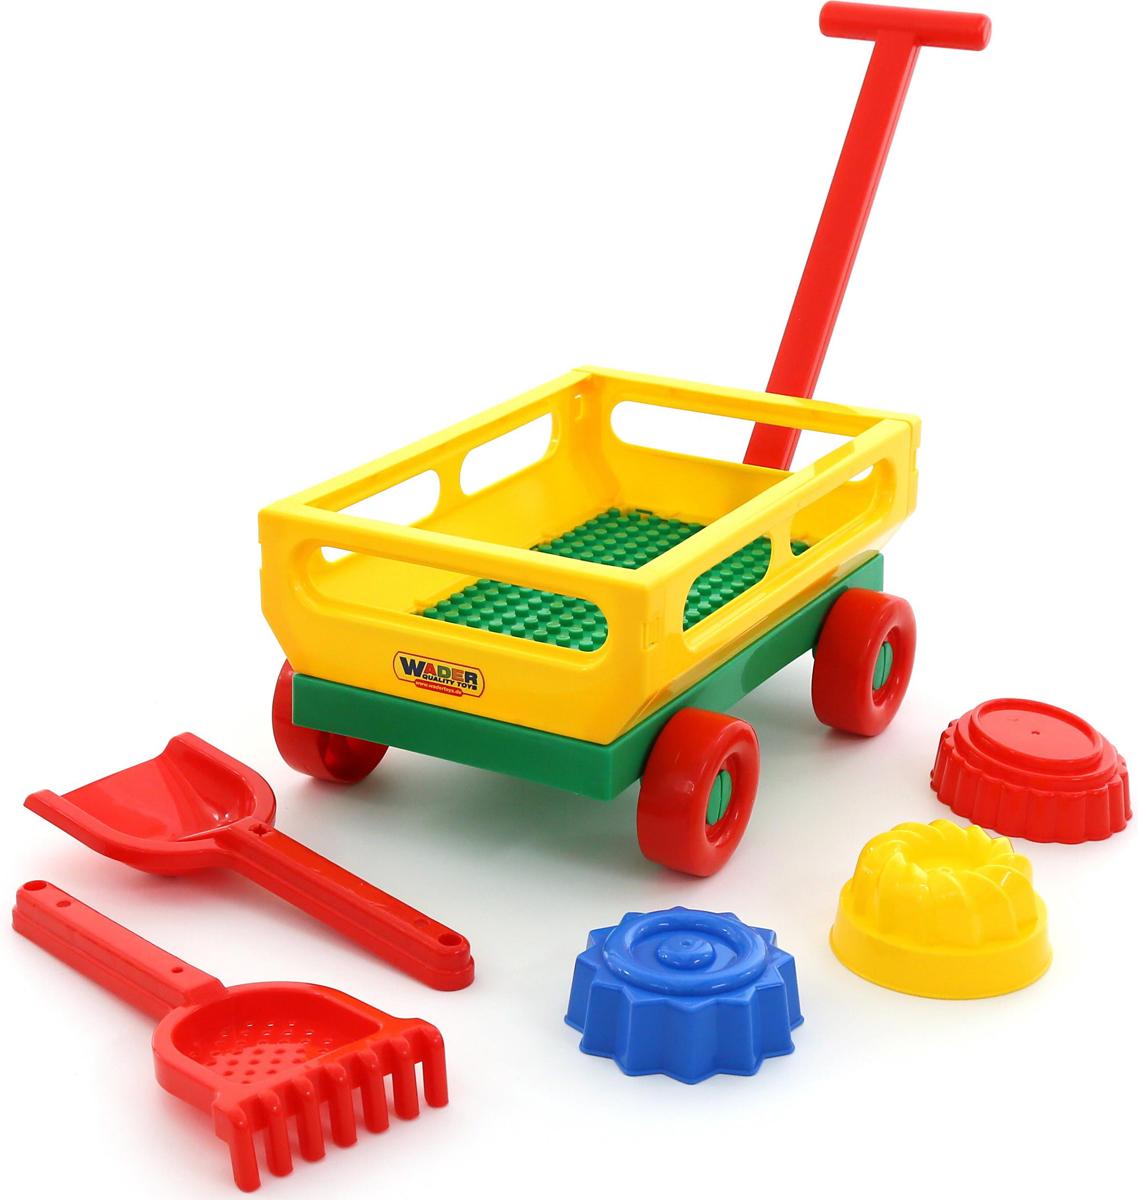 Полесье Набор игрушек для песочницы №481 - Игры на открытом воздухе